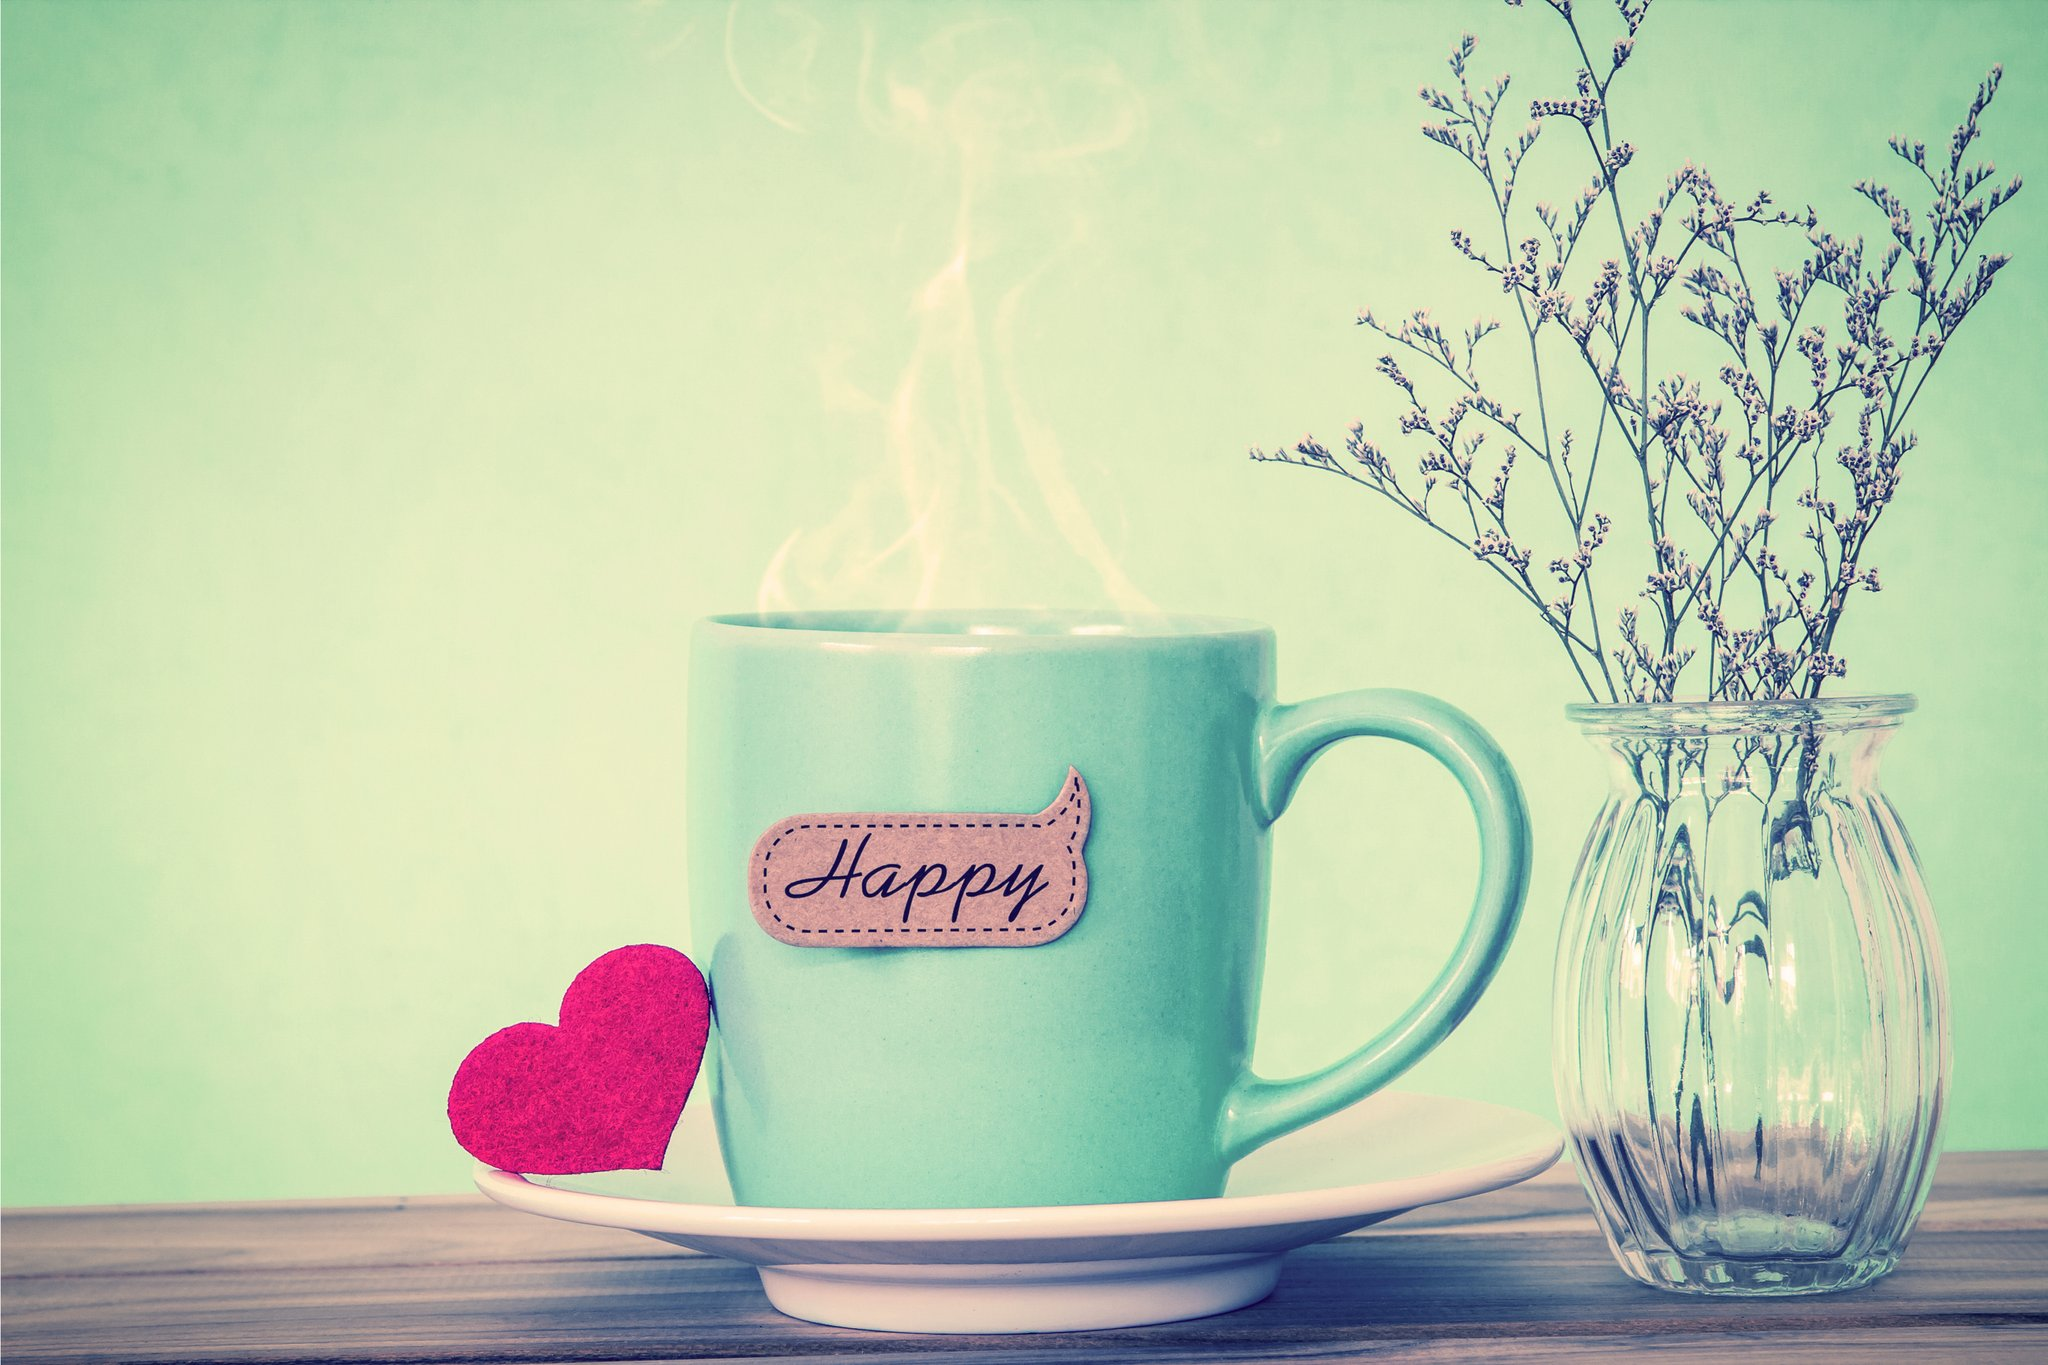 happy cup